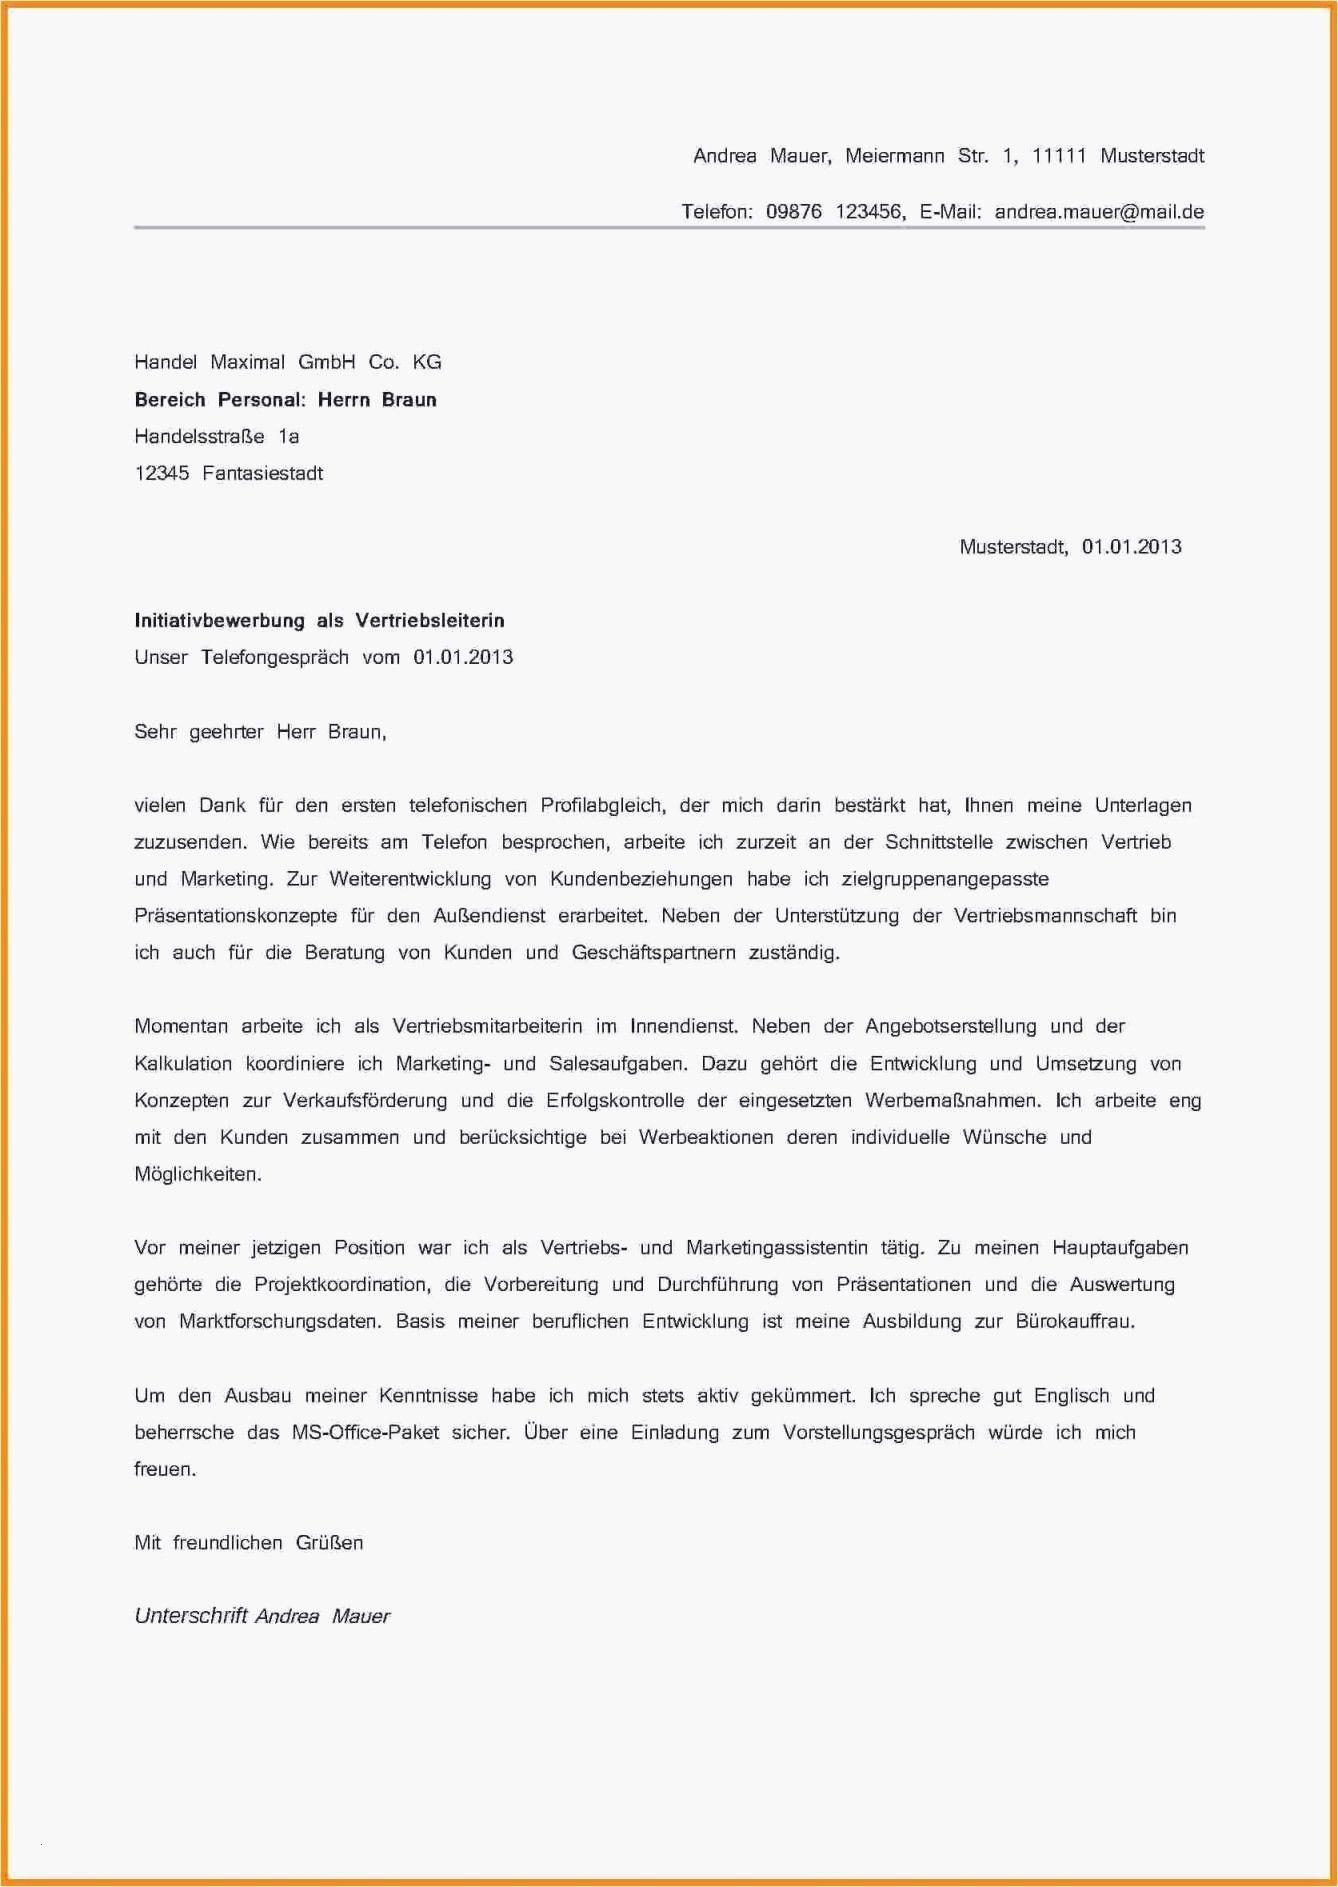 Frisch Bewerbungsschreiben Produktionshelfer Ohne Erfahrung Briefprobe Briefformat Briefvorlage Lebenslauf Muster Lebenslauf Bewerbung Schreiben